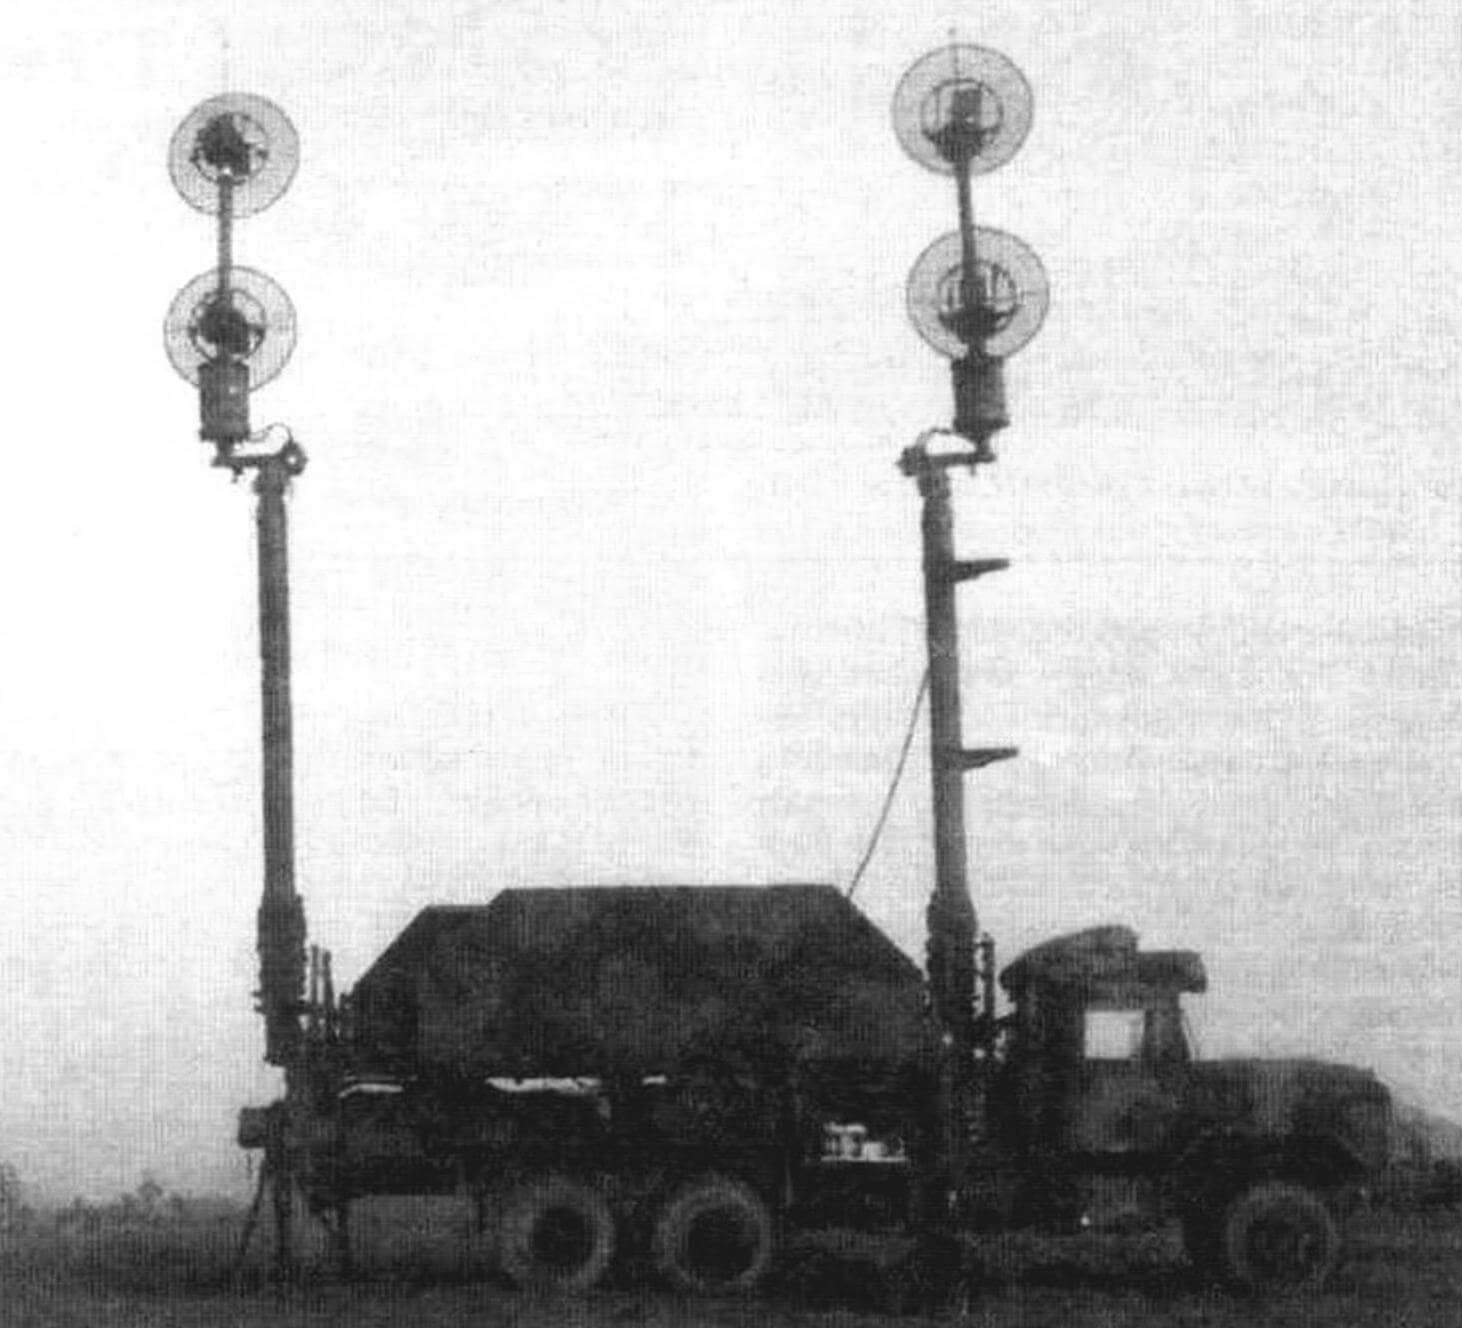 Радиорелейная станция ОЕ-349. В зависимости от страны, где «Пэтриот» состоит на вооружении, его оборудование монтируется на разных типах автомобильных шасси